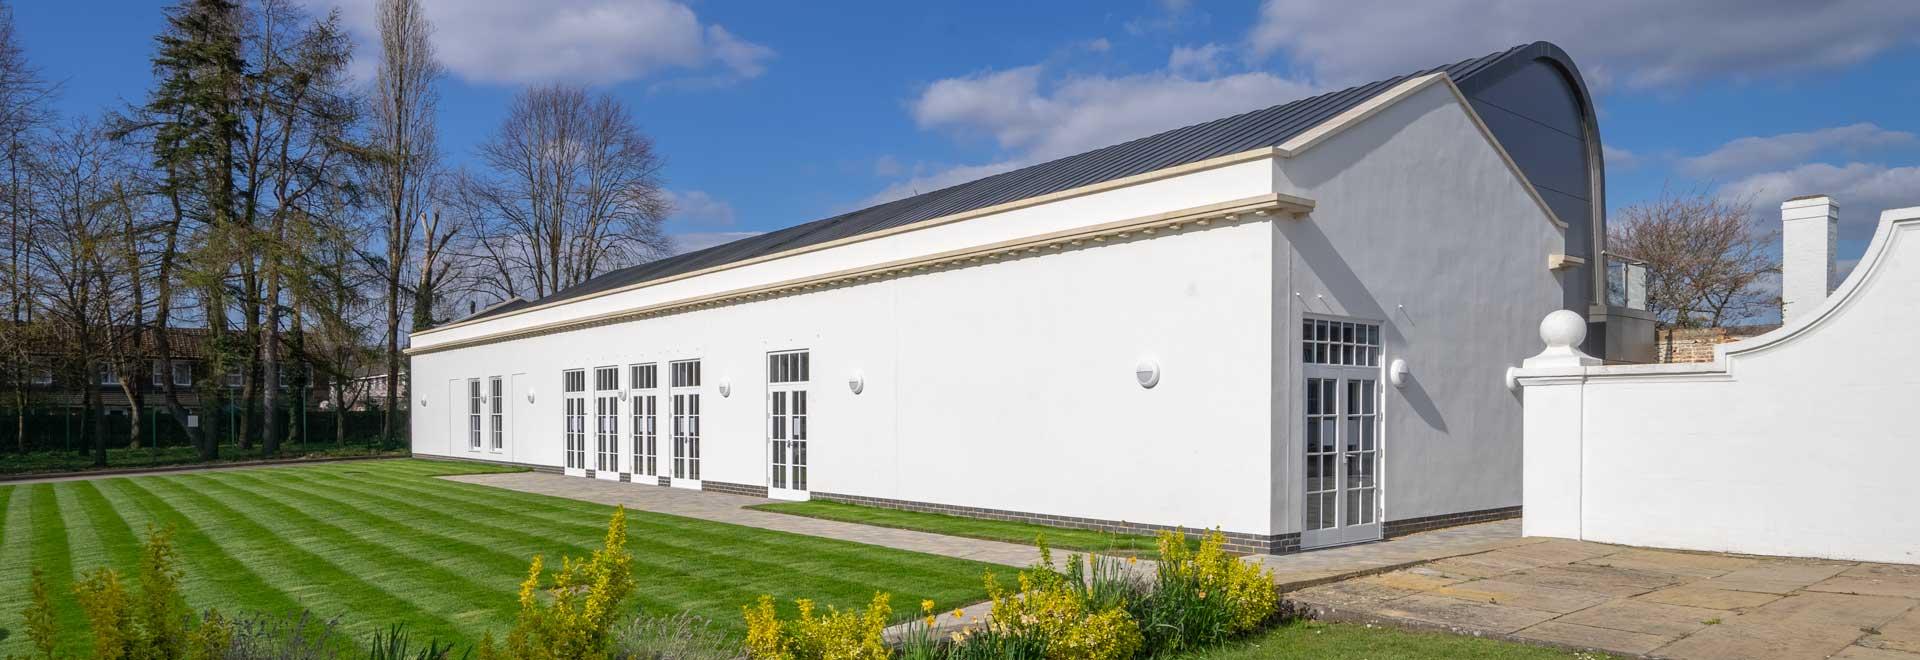 Cadet Training Centre Frimley